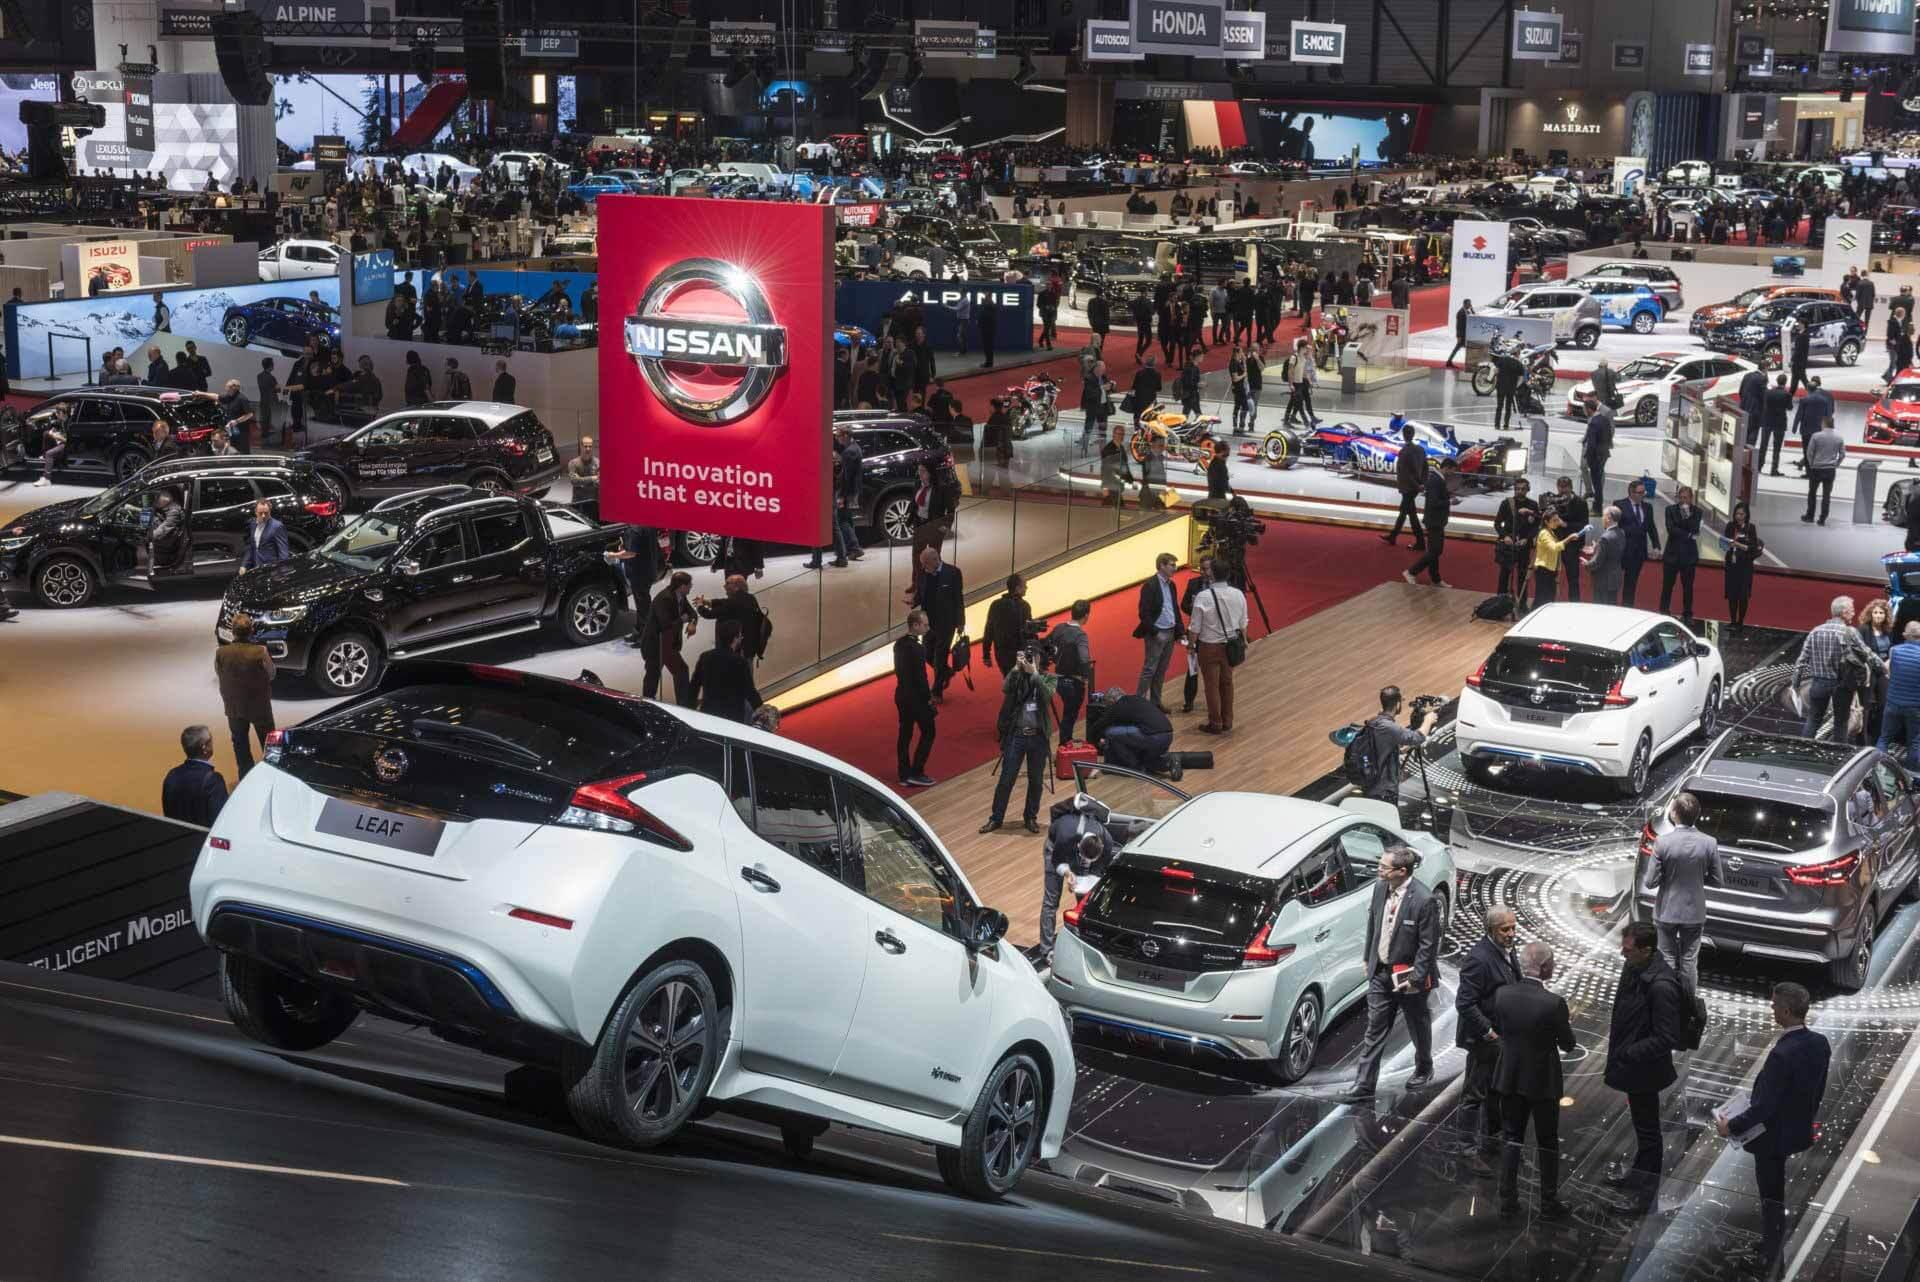 Следующий Женевский автосалон пройдет в 2022 году и в новом формате